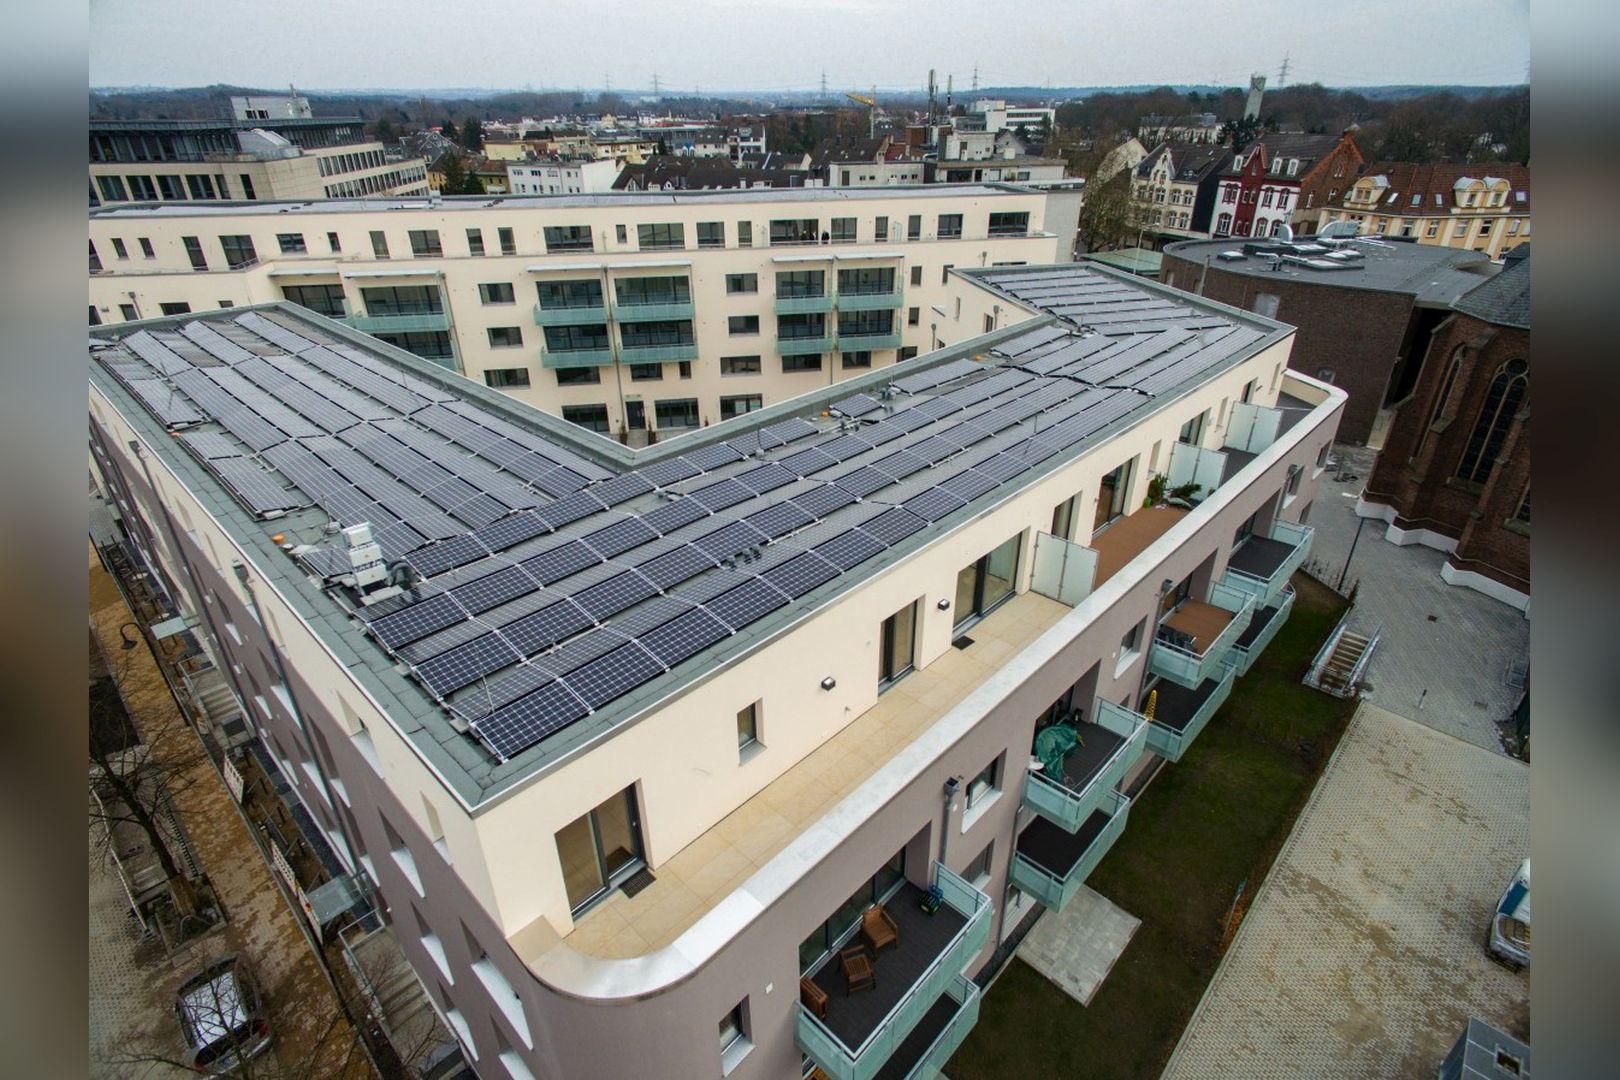 Immobilie Nr.0285 - 3-Zimmer-Maisonettewohnung mit Dachterrasse und TG-Stellplatz - Bild 2.jpg